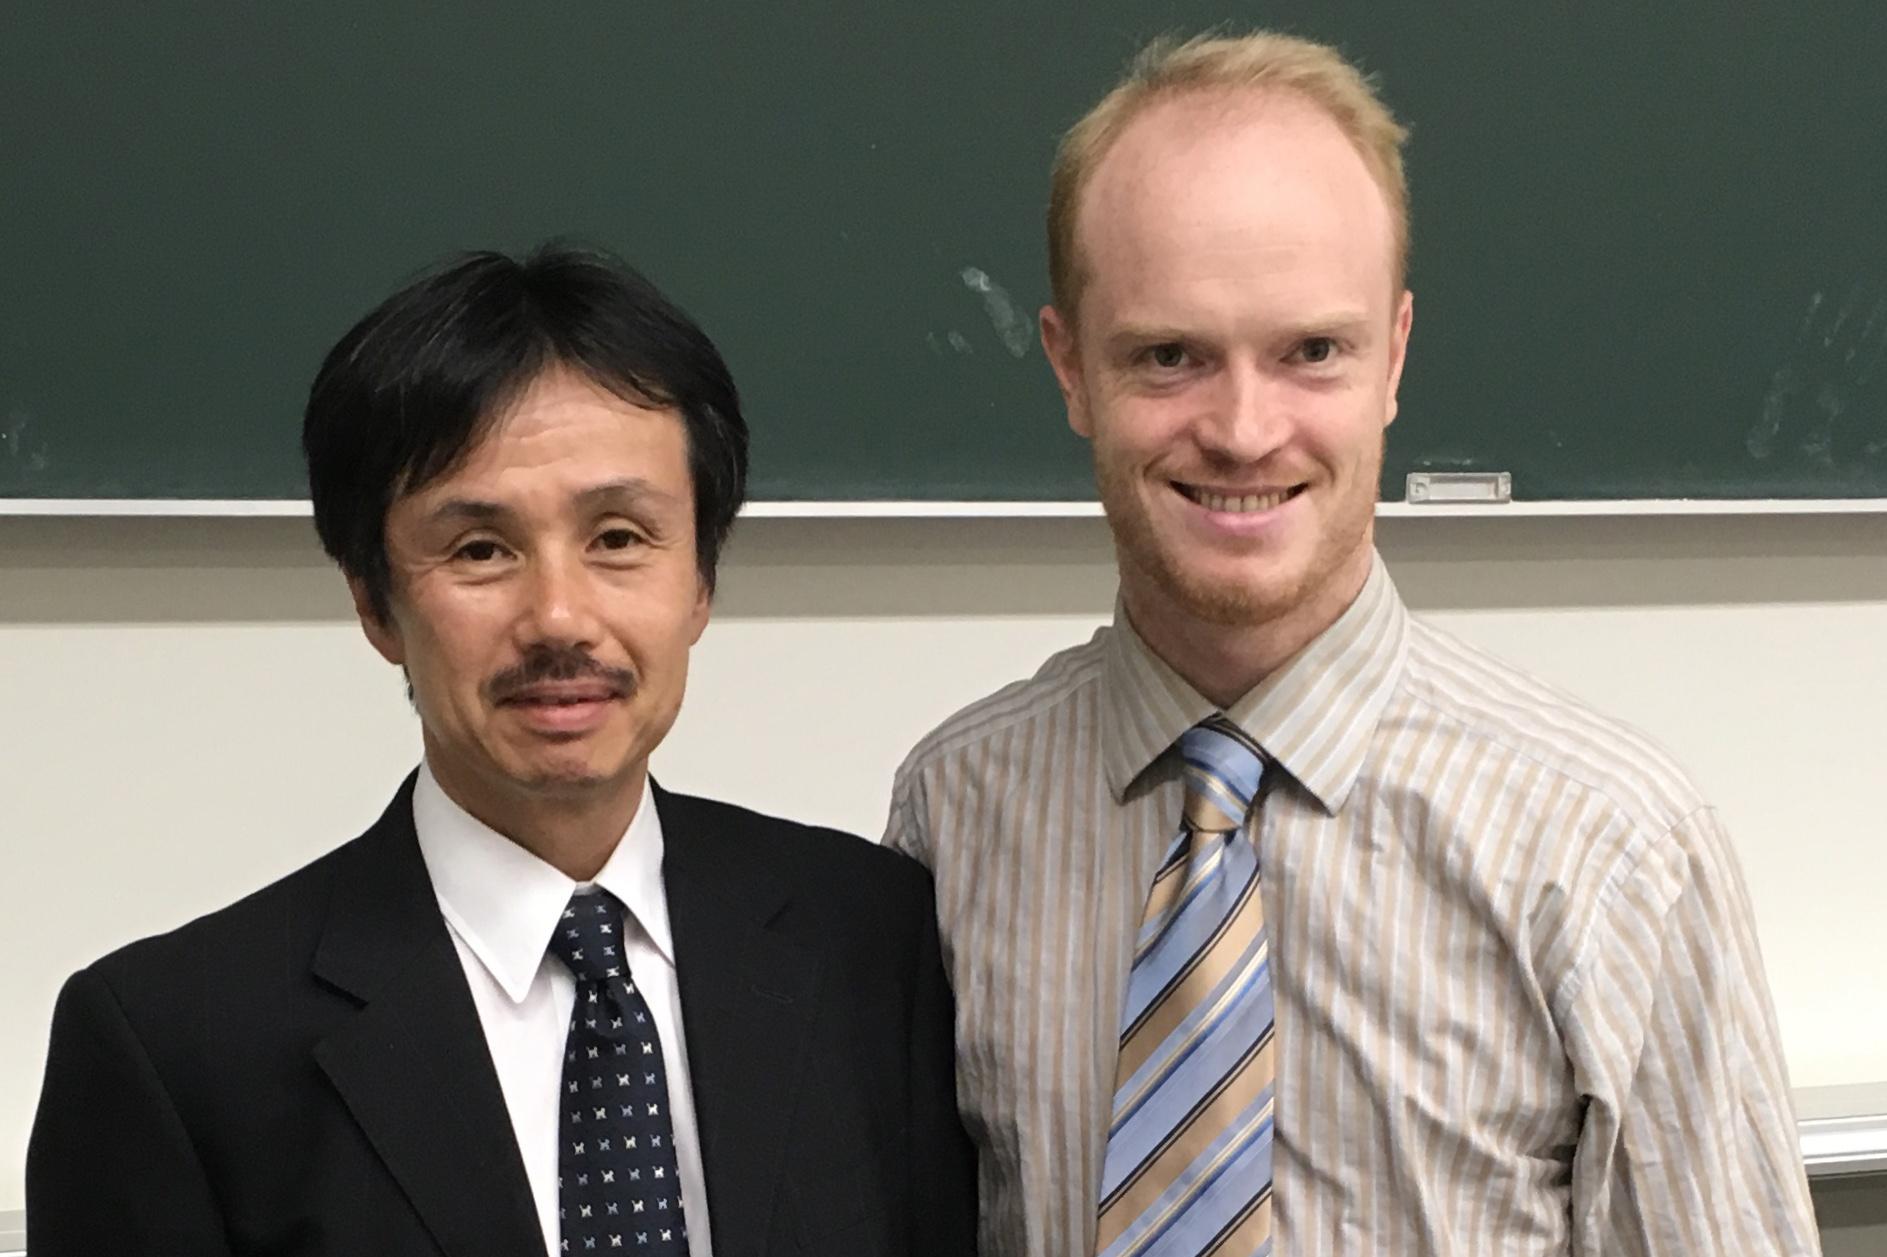 https://www.city.ac.uk/__data/assets/image/0005/445055/Luke-Tokyo-2-thumb.jpg